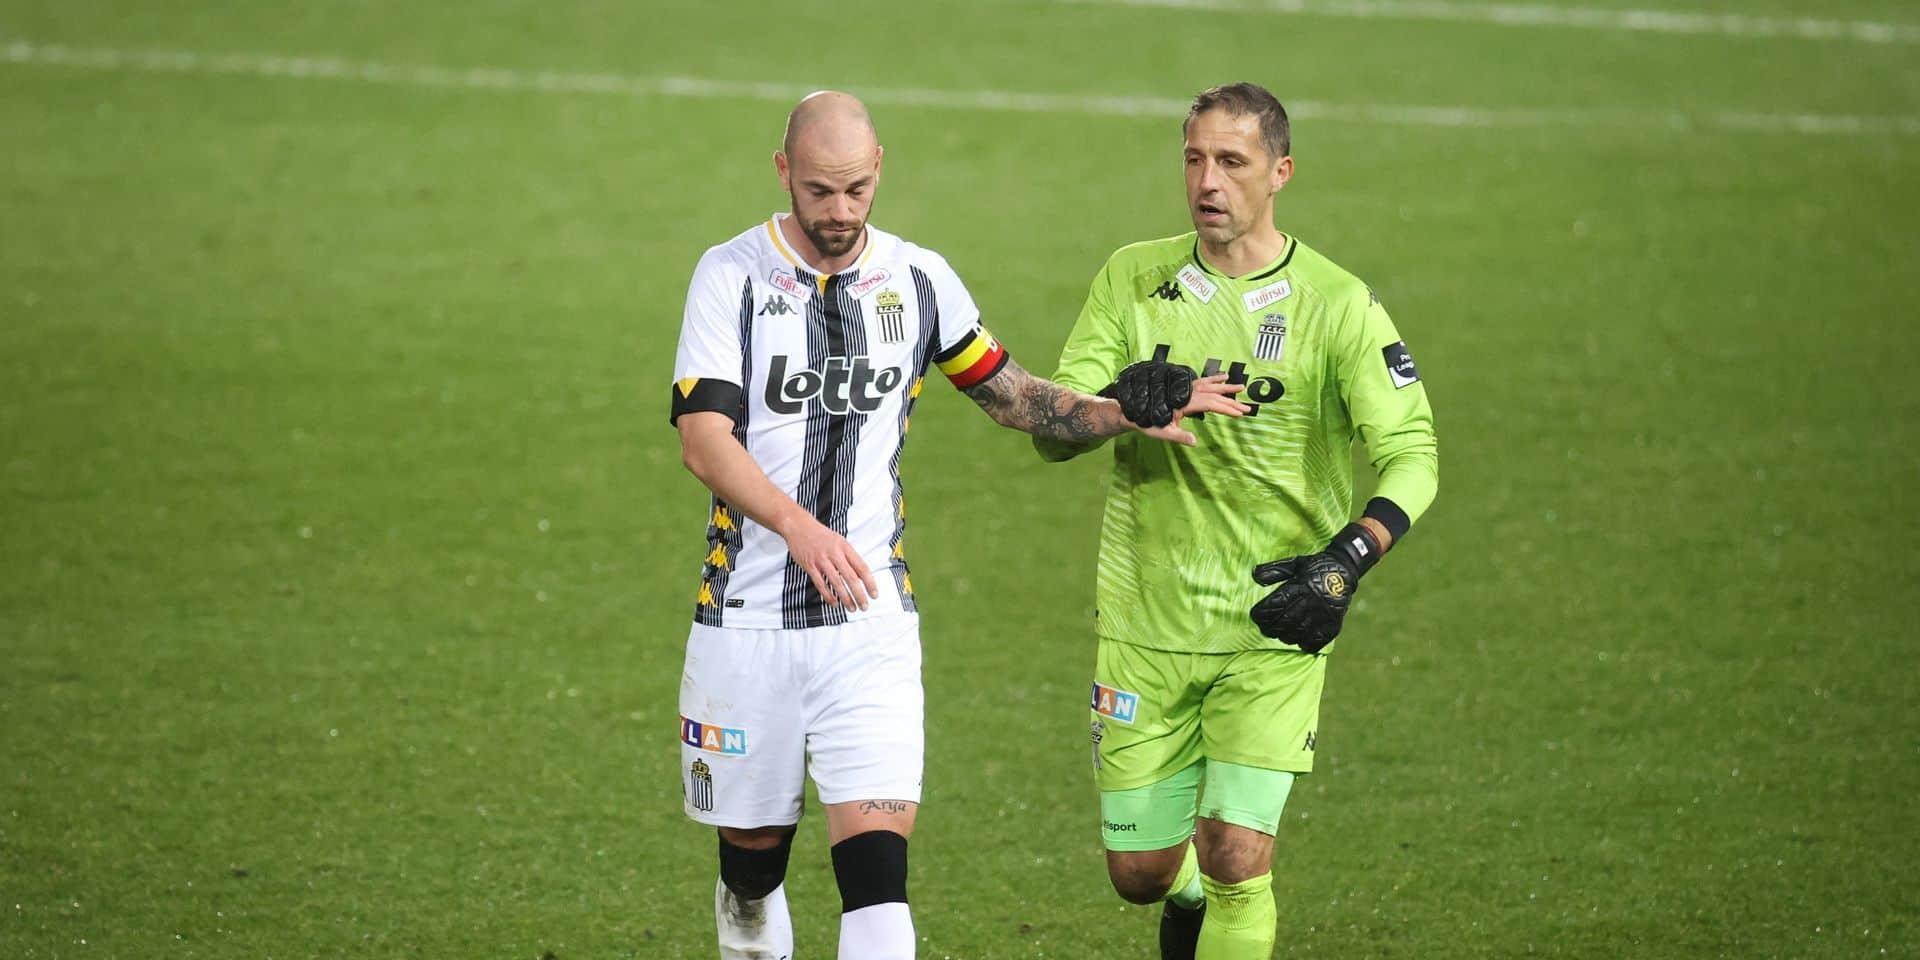 Une grosse erreur de Dessoleil offre la victoire à la Gantoise face à Charleroi